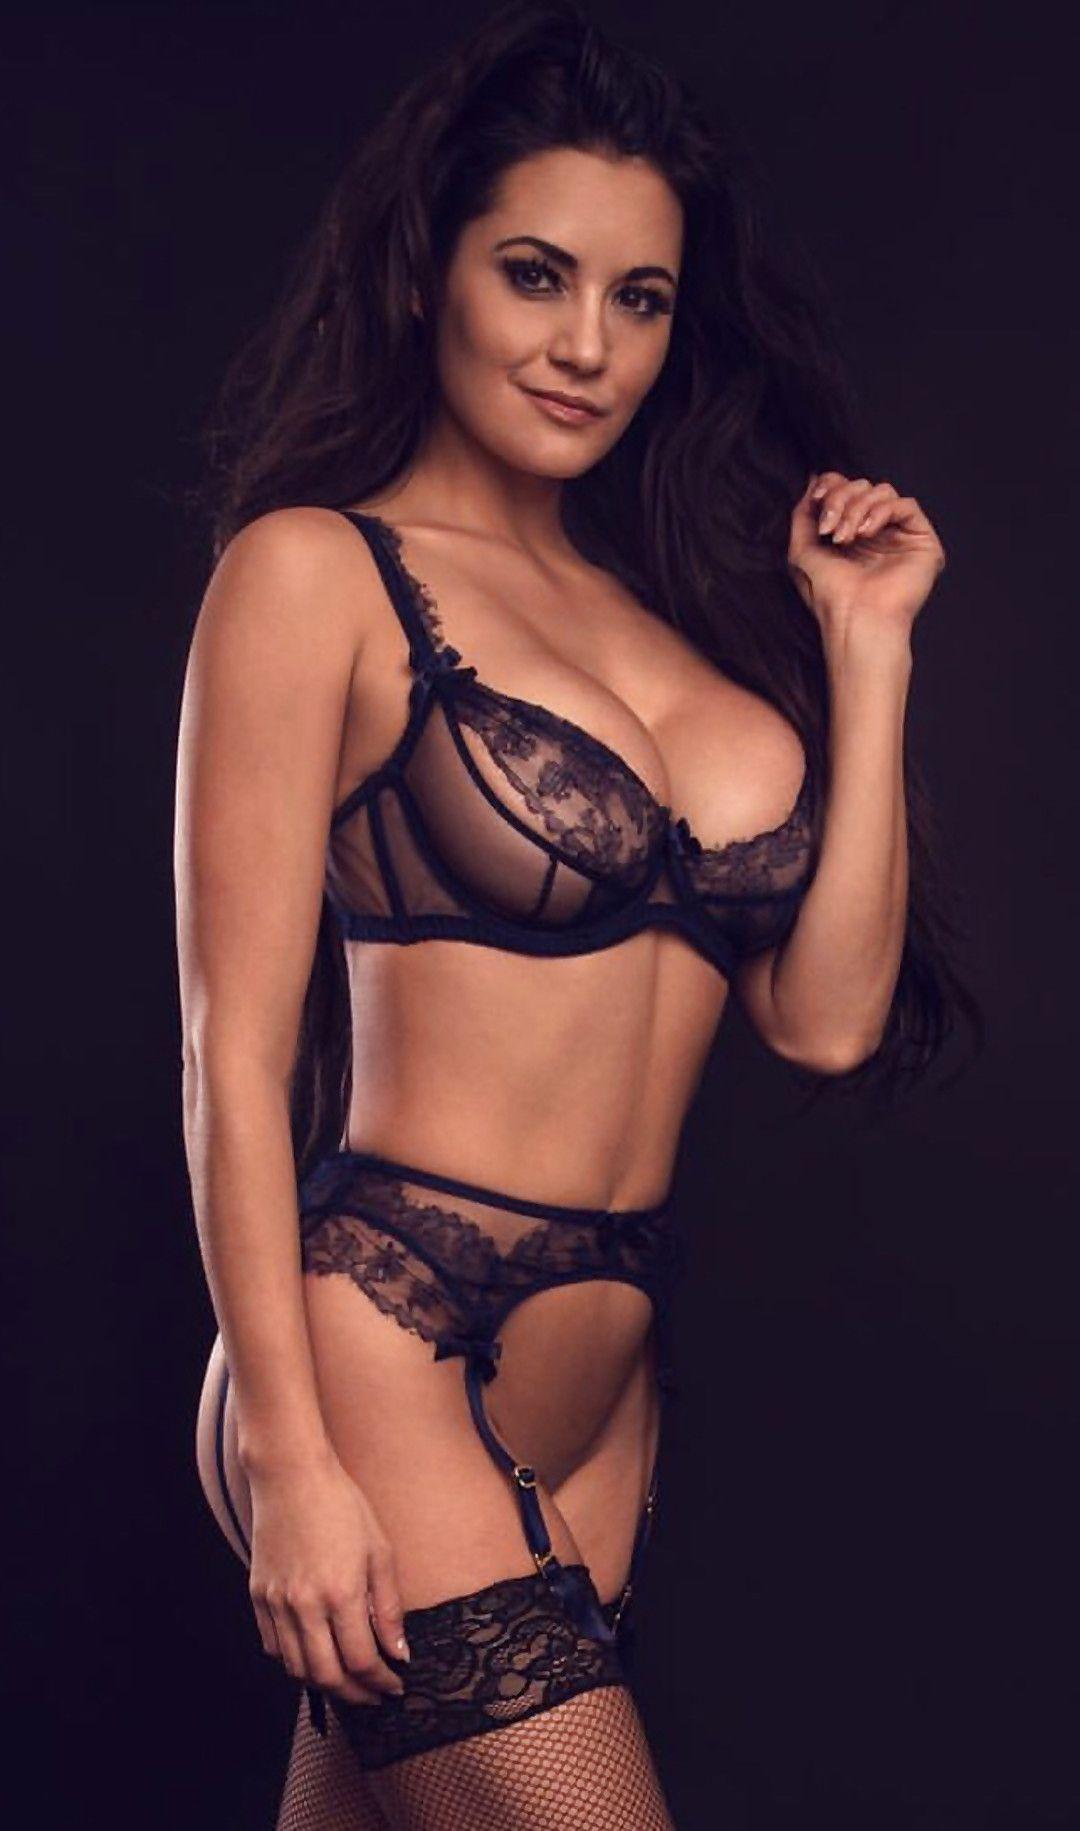 Pashence Marie Hot | Hot Girl HD Wallpaper